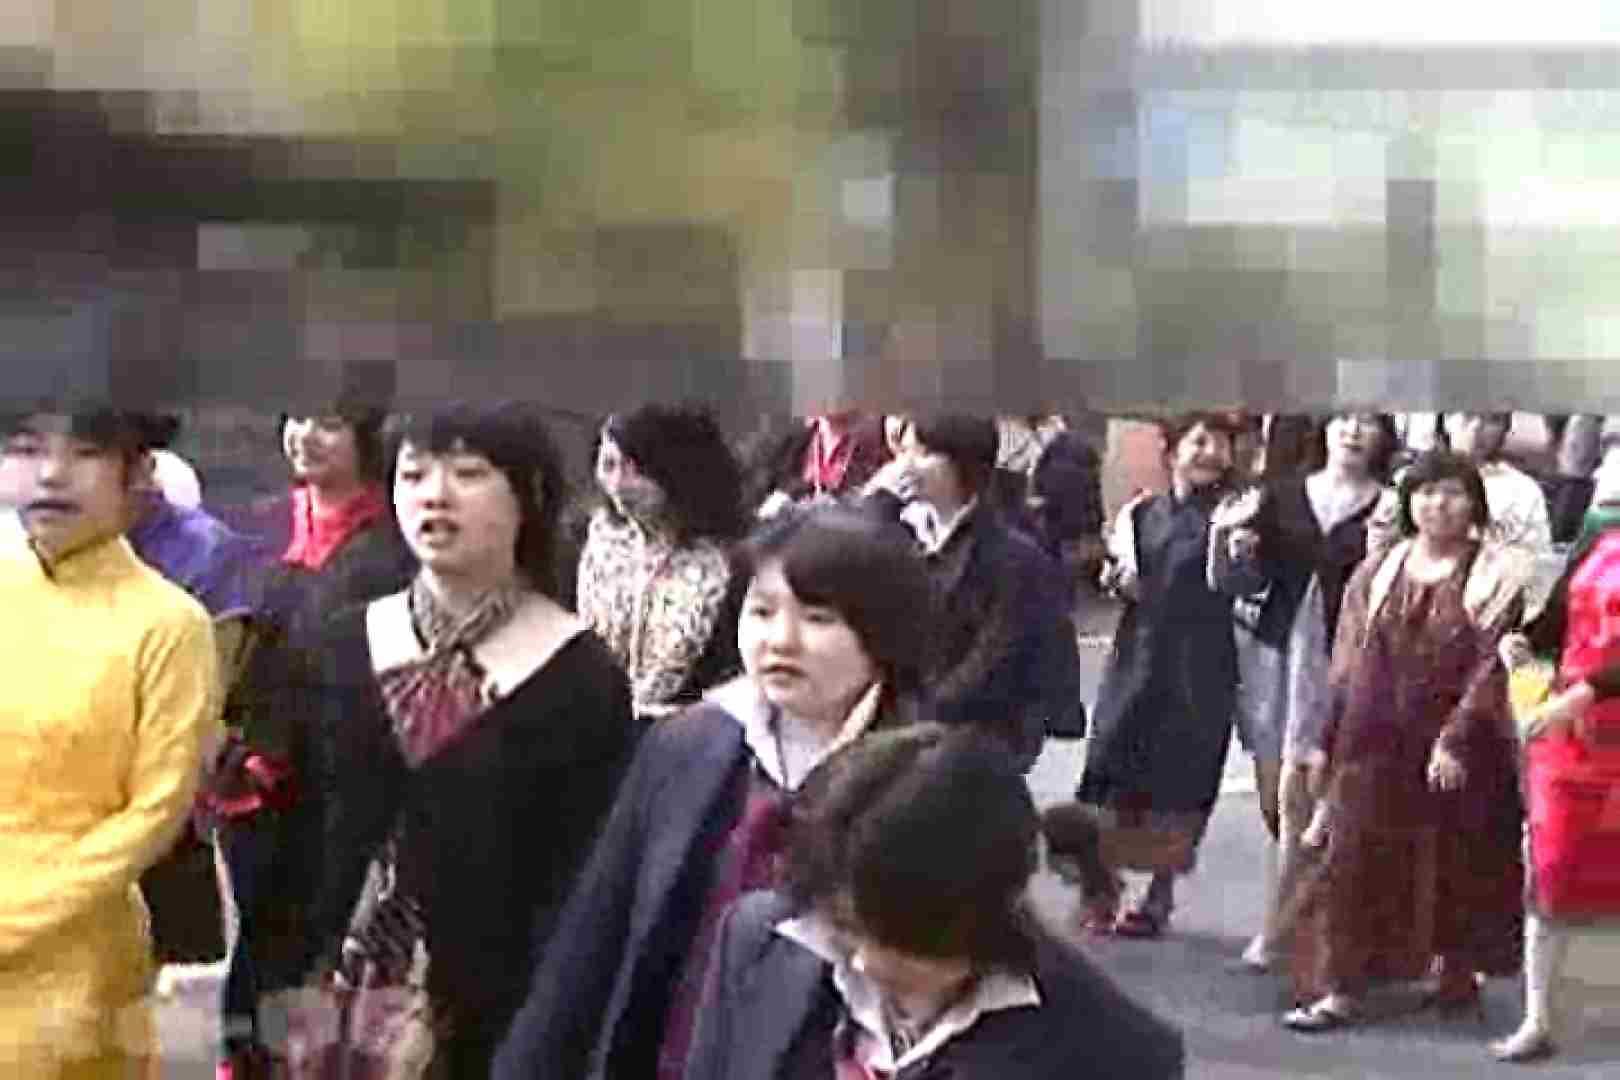 合宿ホテル女風呂盗撮高画質版 Vol.06 盗撮  85pic 72